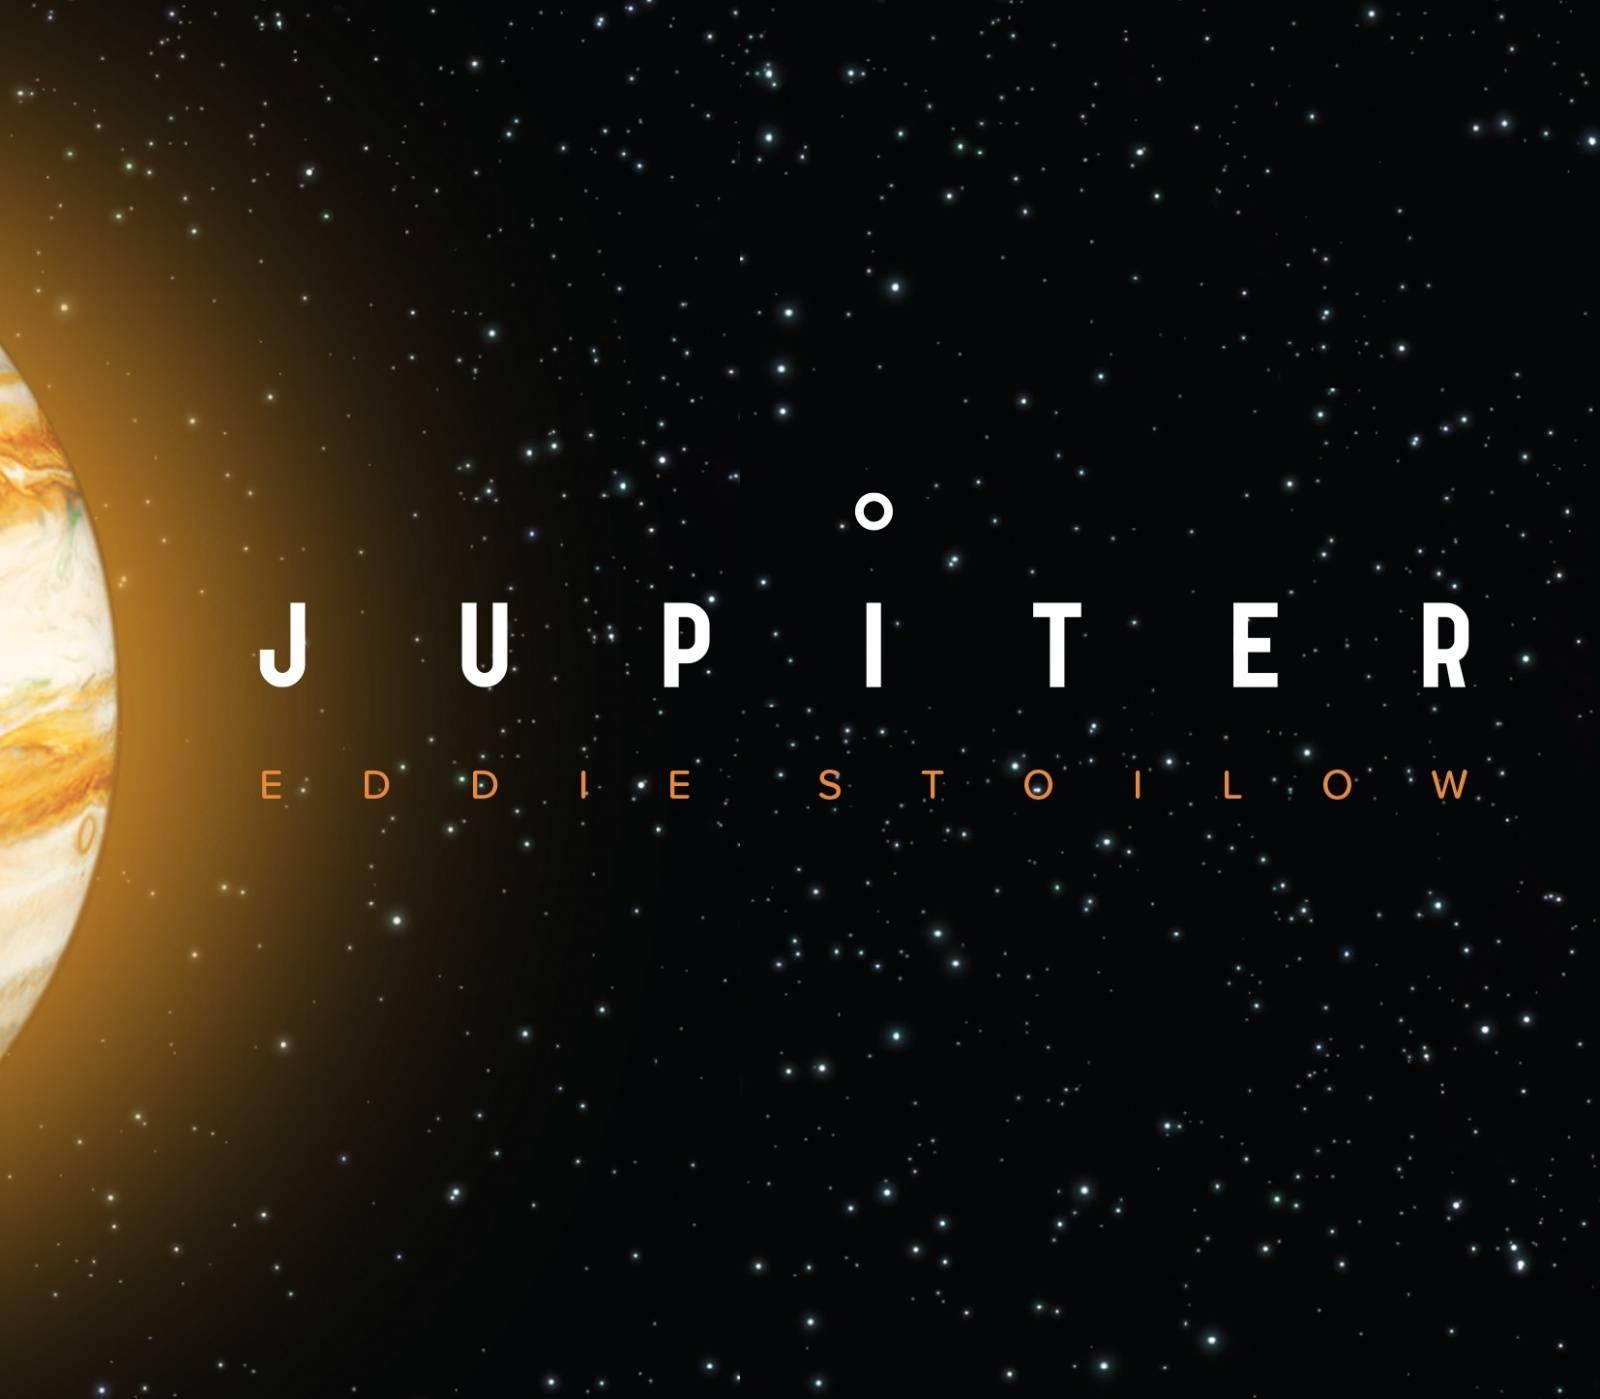 Eddie Stoilow interview: Jupiter vznikl v absolutní svobodě, nikdo nad námi nedržel bič